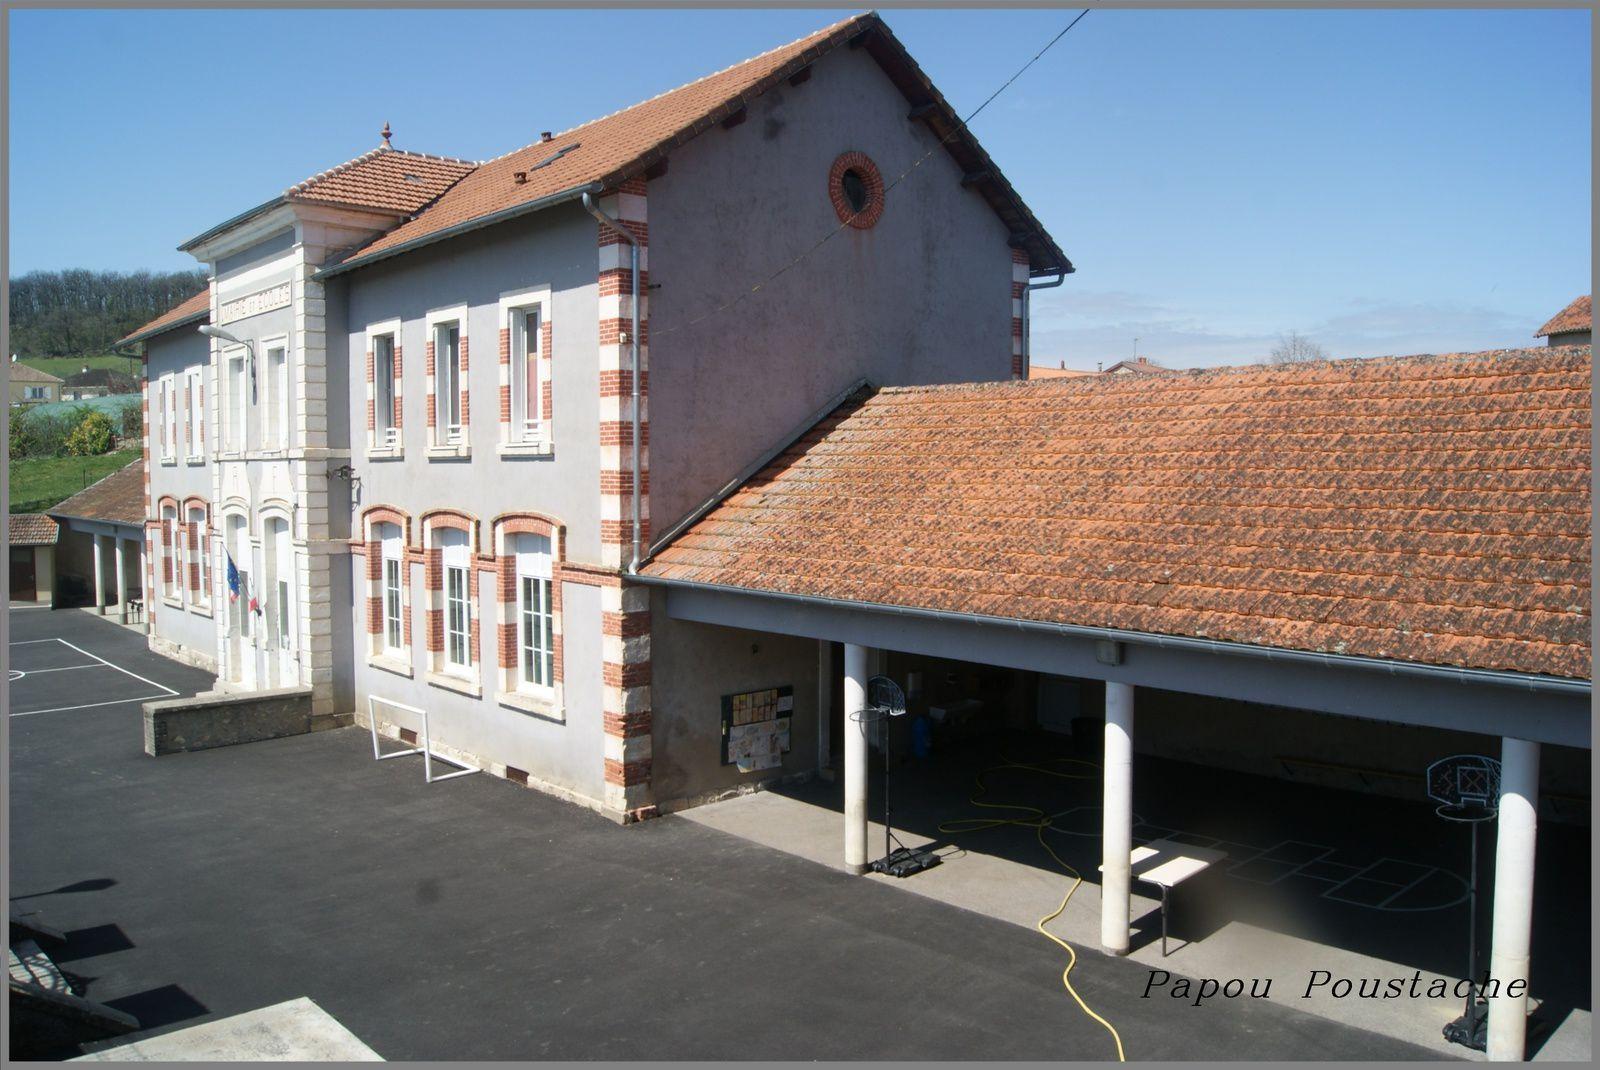 Saint Santin dans le Cantal et dans l'Aveyron